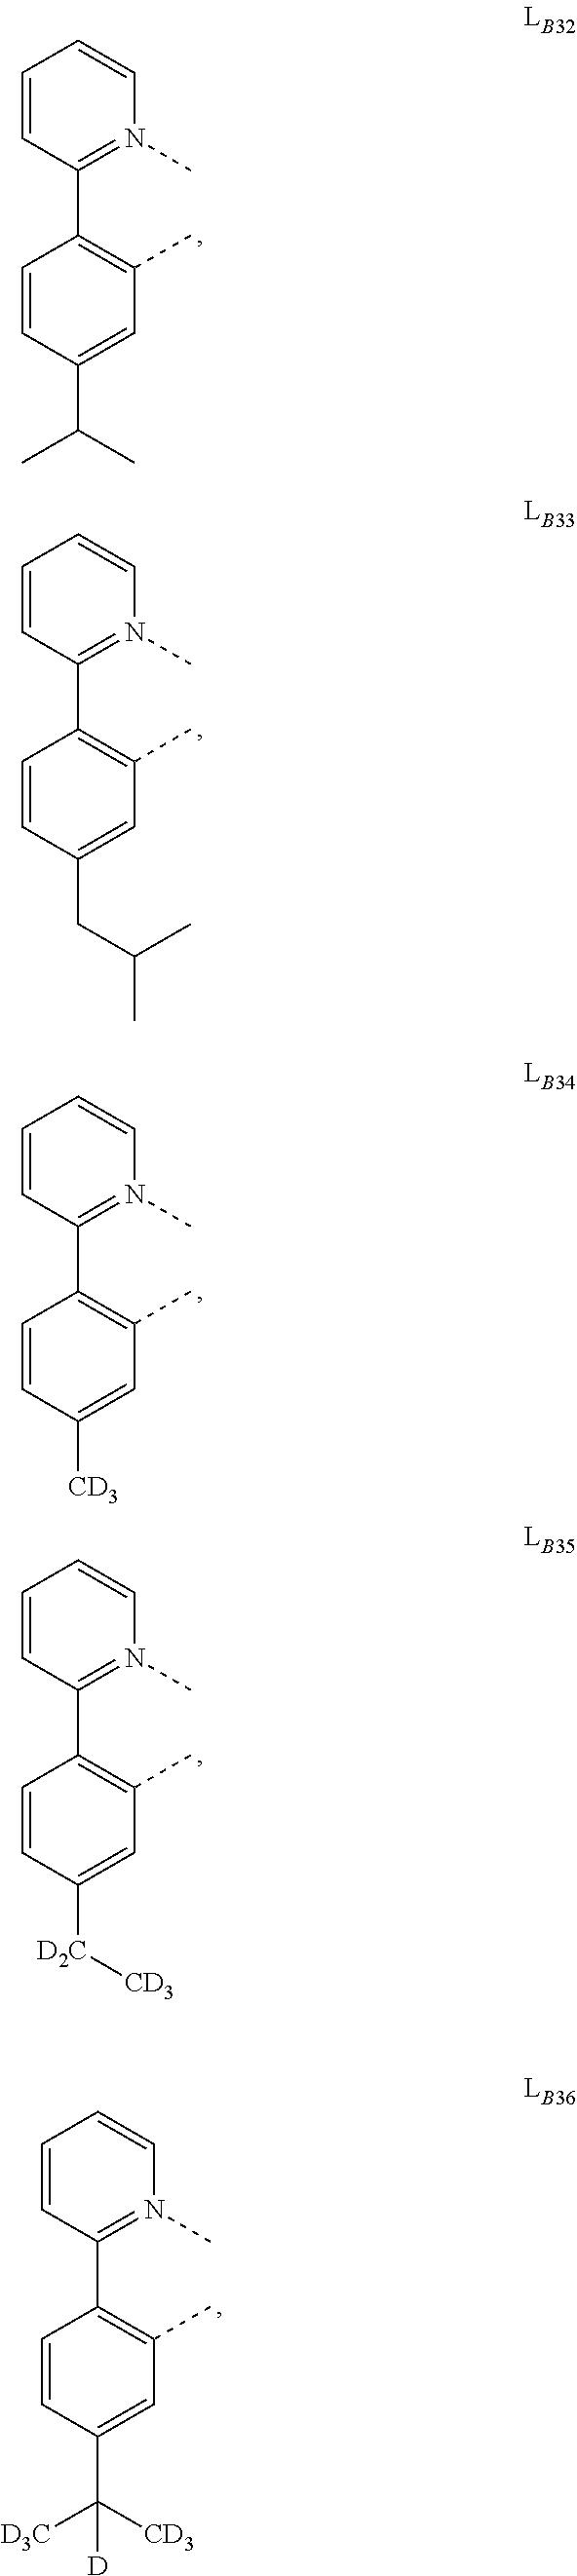 Figure US10003034-20180619-C00020